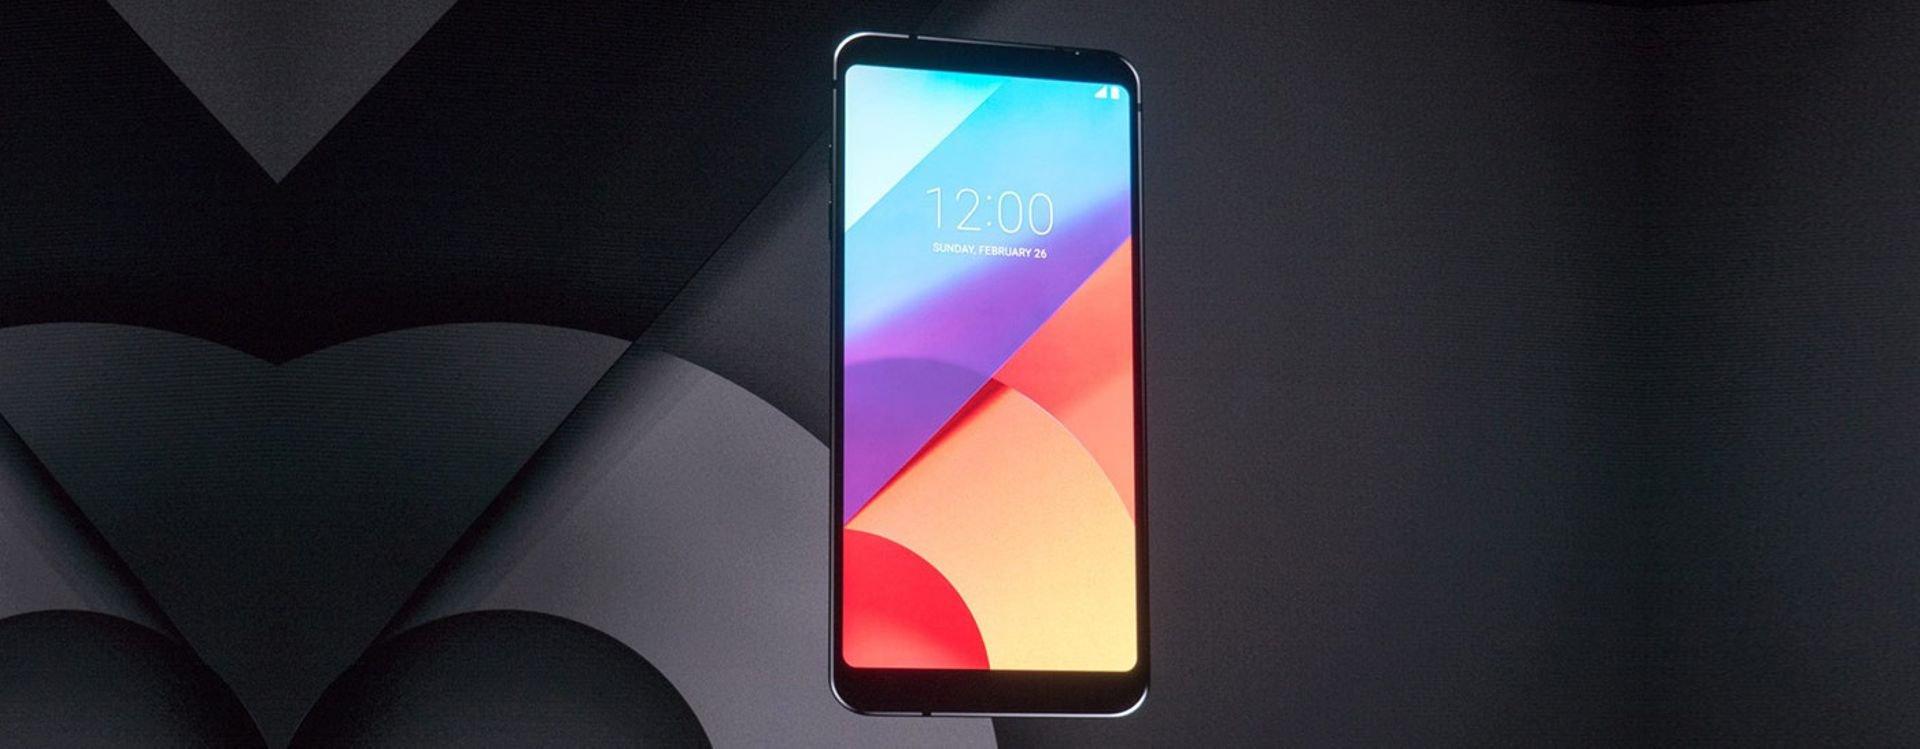 برشلونة 2017: إل جي تعلن عن هواتف G6 بعد تواضع أداء G5